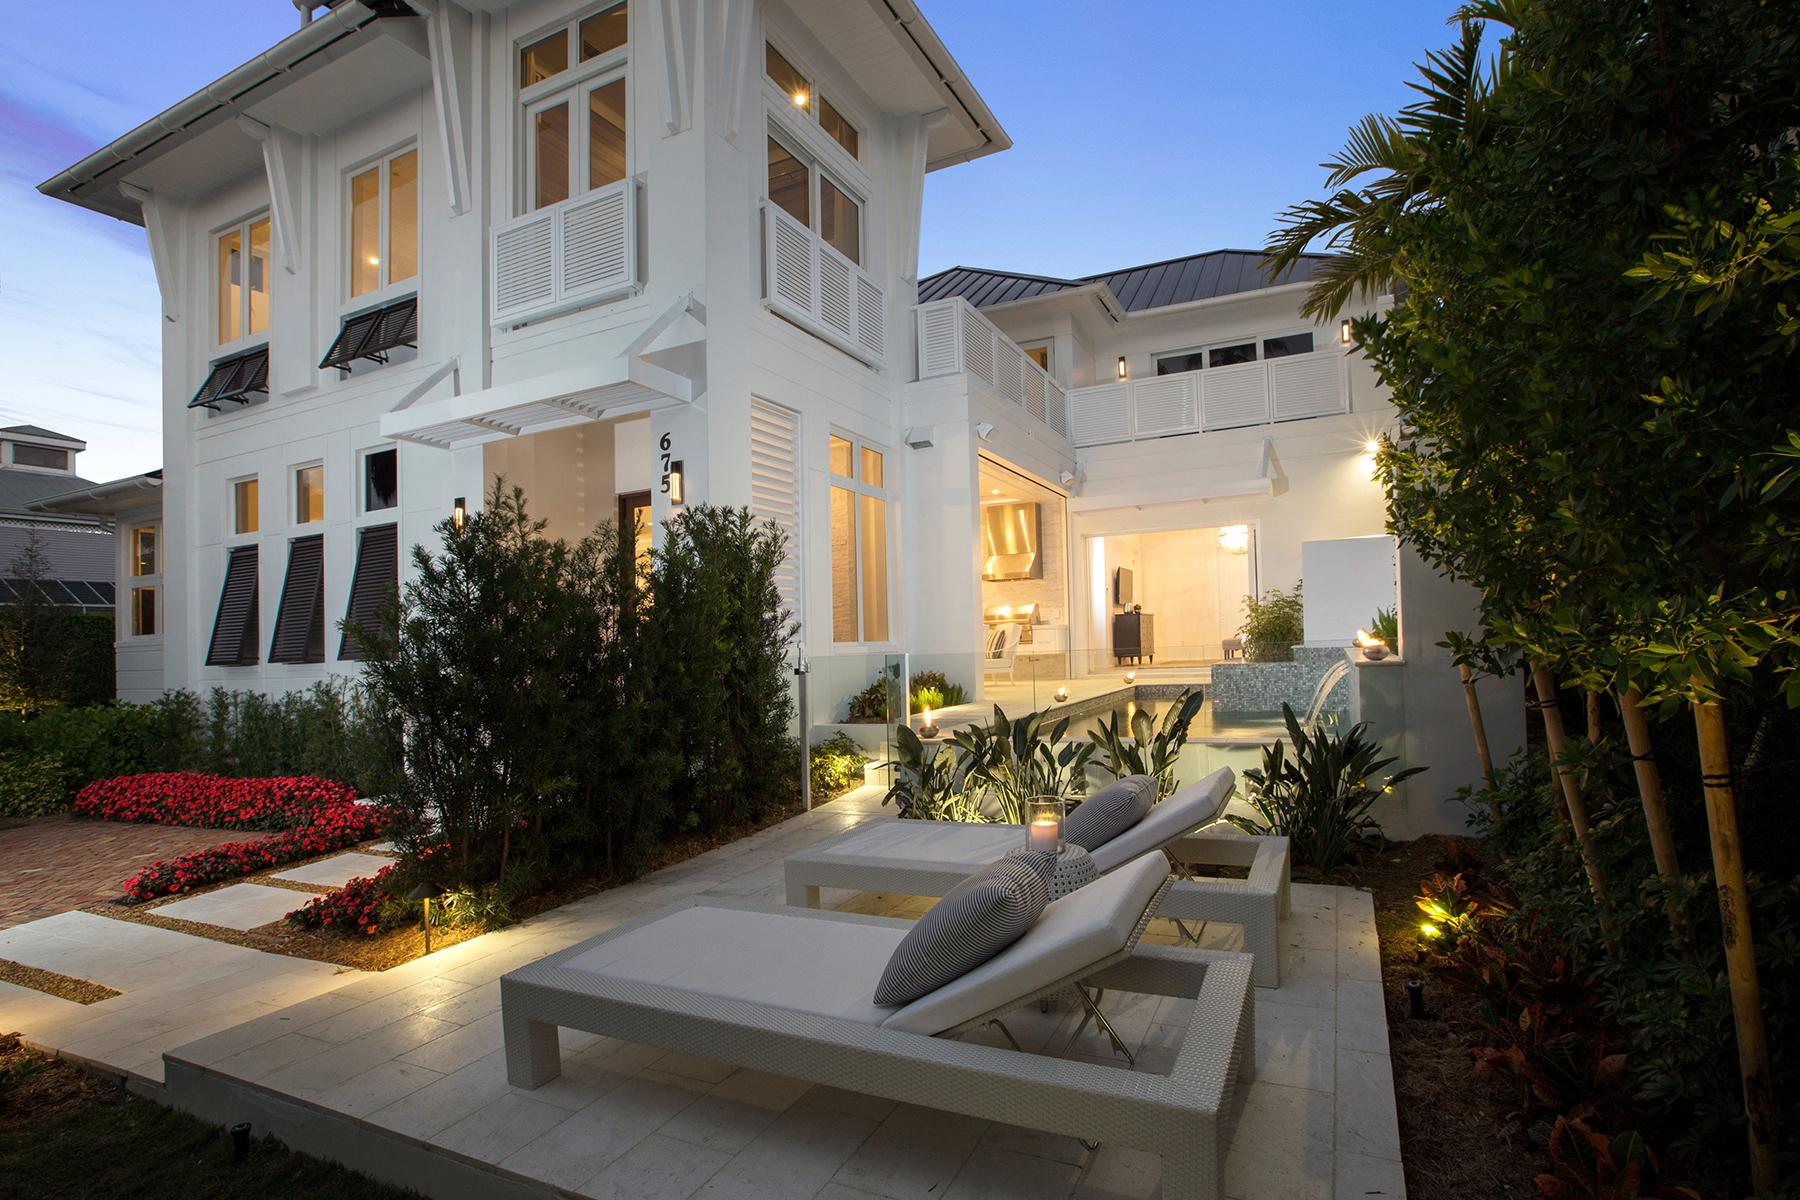 独户住宅 为 销售 在 675 2nd St S, Naples, FL 34102 675 2nd St S 那不勒斯, 佛罗里达州, 34102 美国